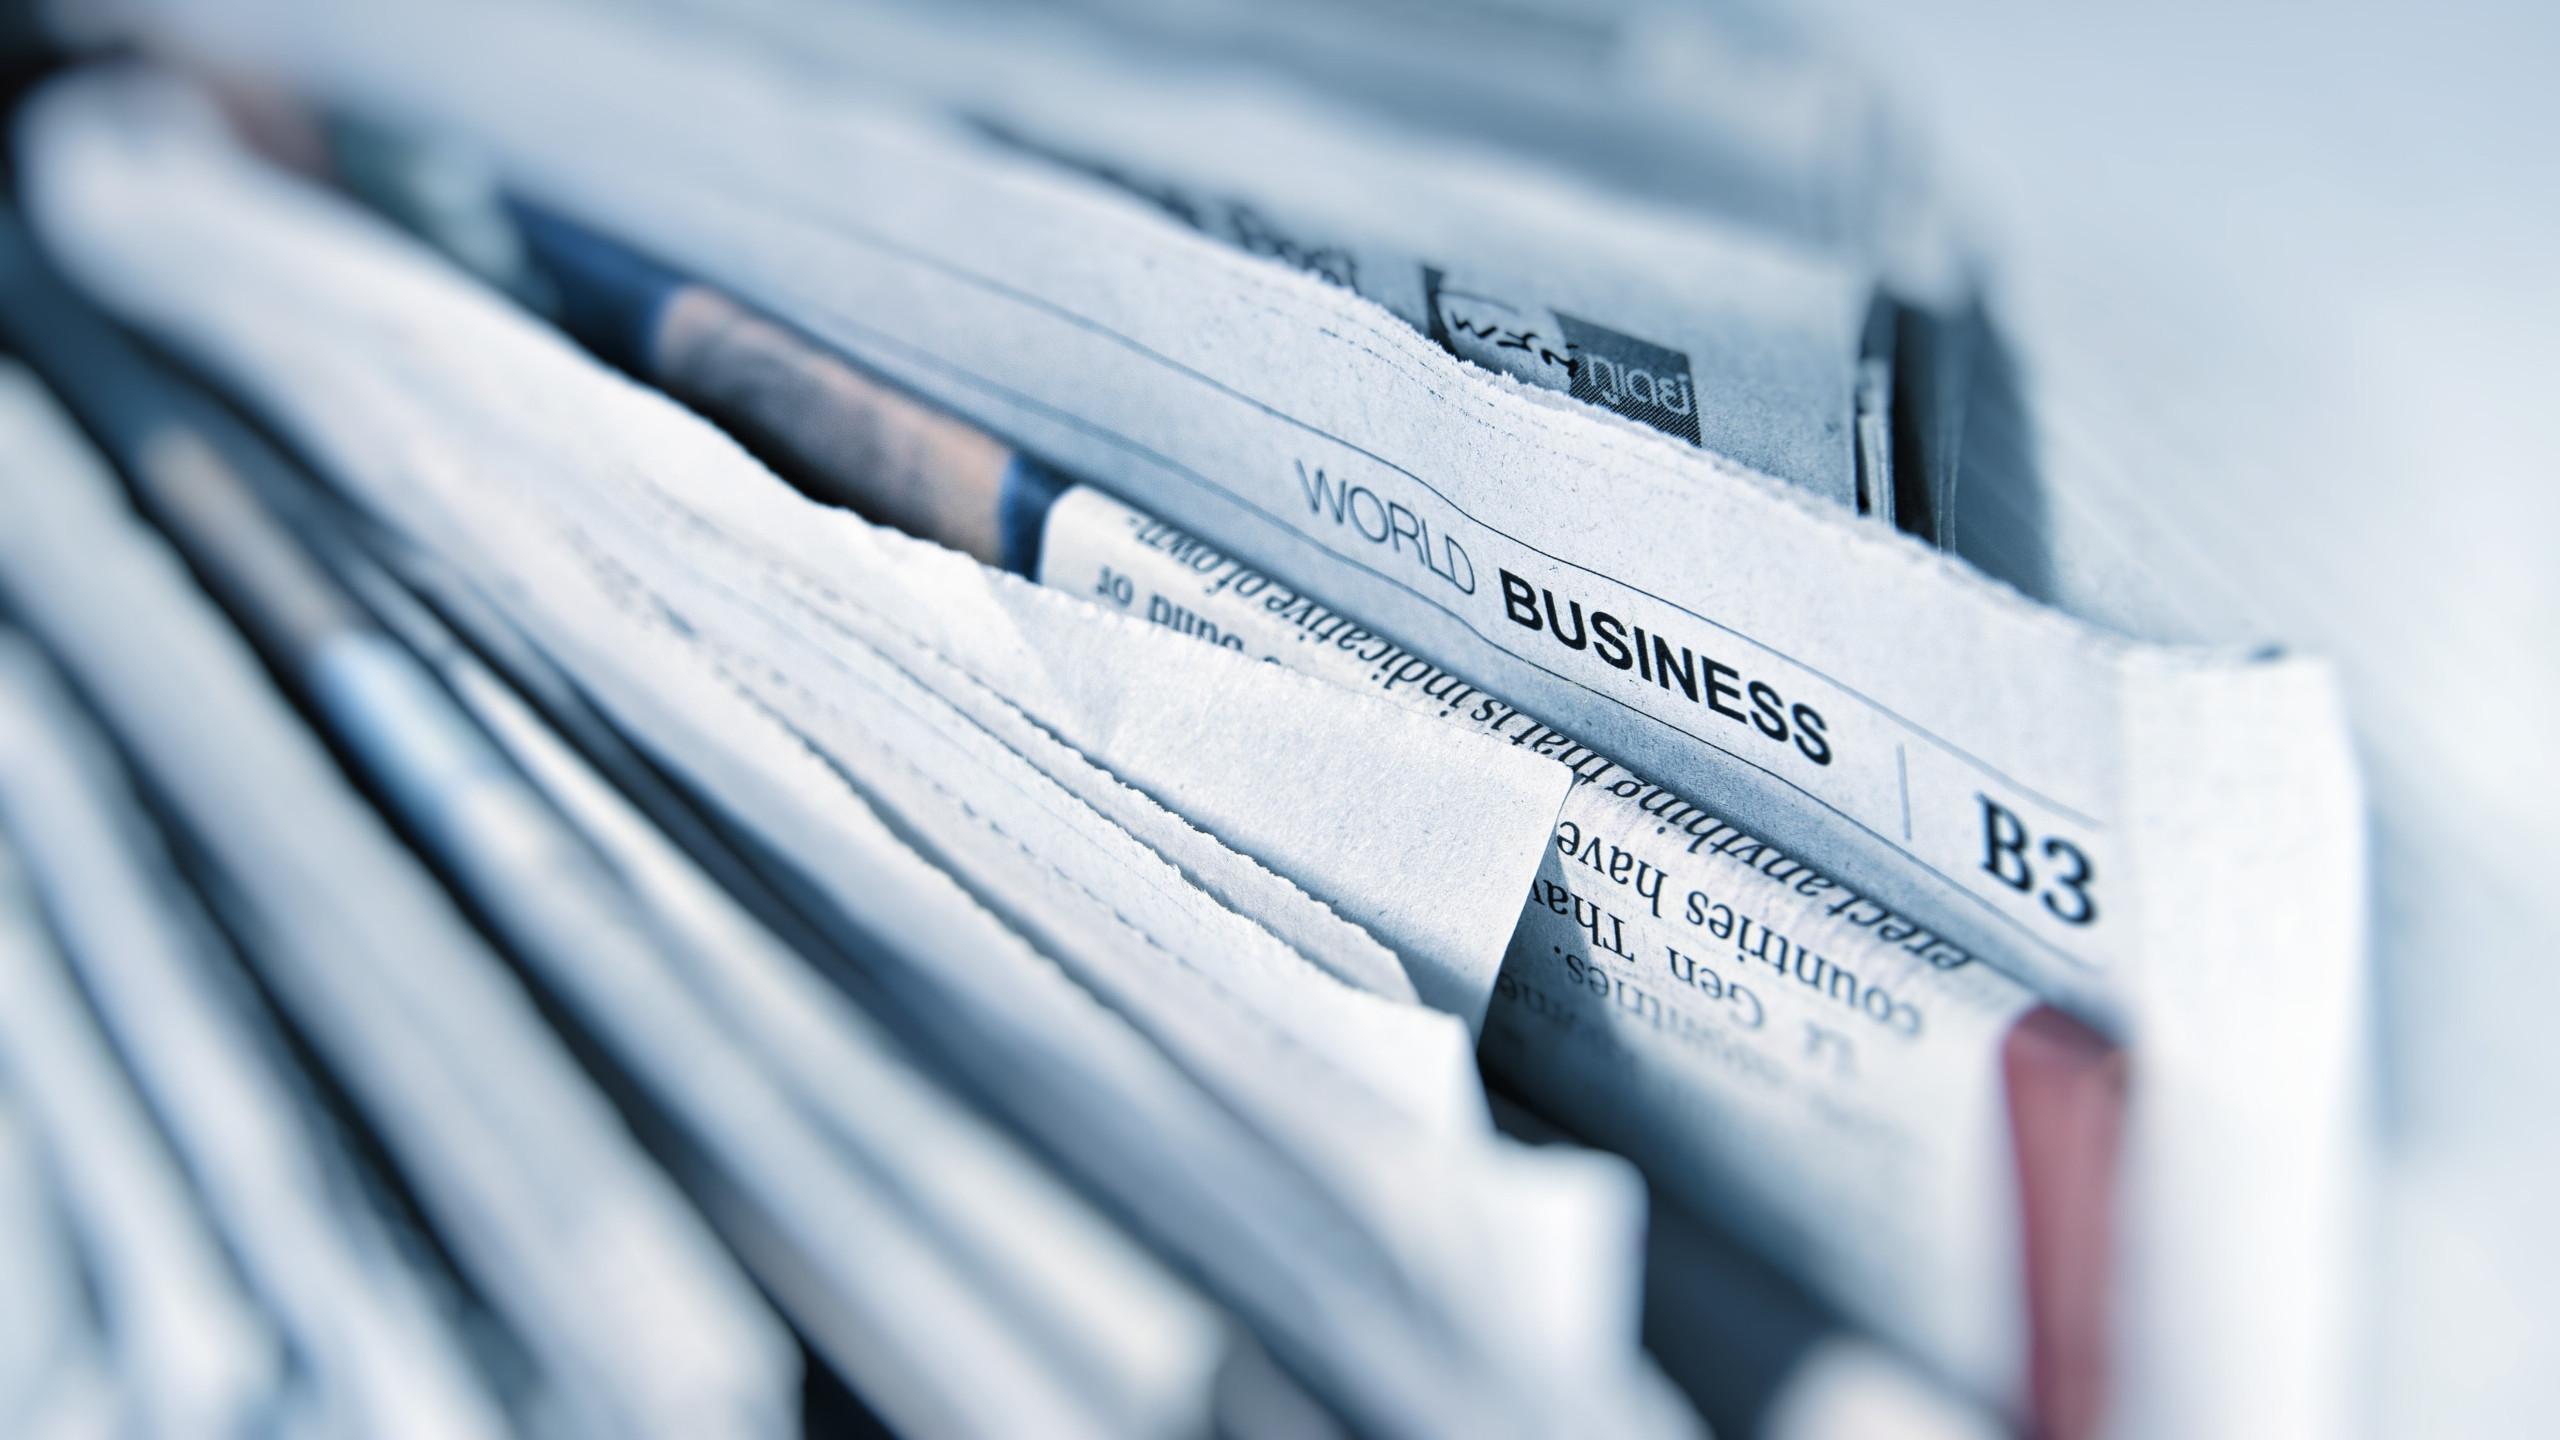 Publications sur la Maison des lanceurs d'alerte dans la presse papier